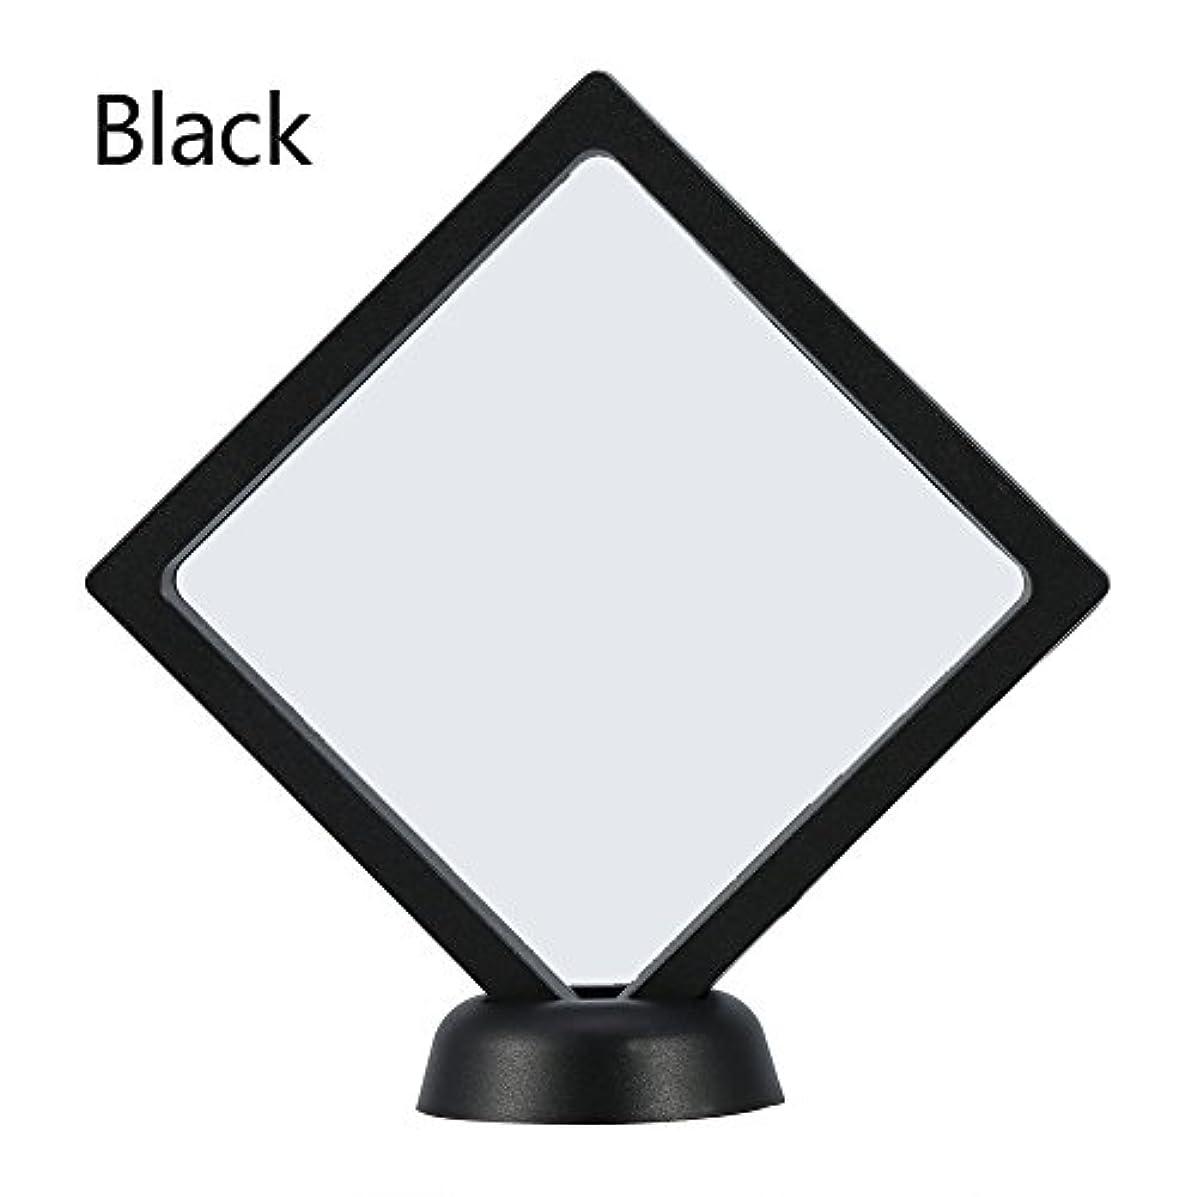 アクリルネイルプレートとPETフィルムディスプレイスクリーン付きの2つのダイヤモンドネイルディスプレイスタンド - 4.3 4.3インチネイルホルダーツール(Black)